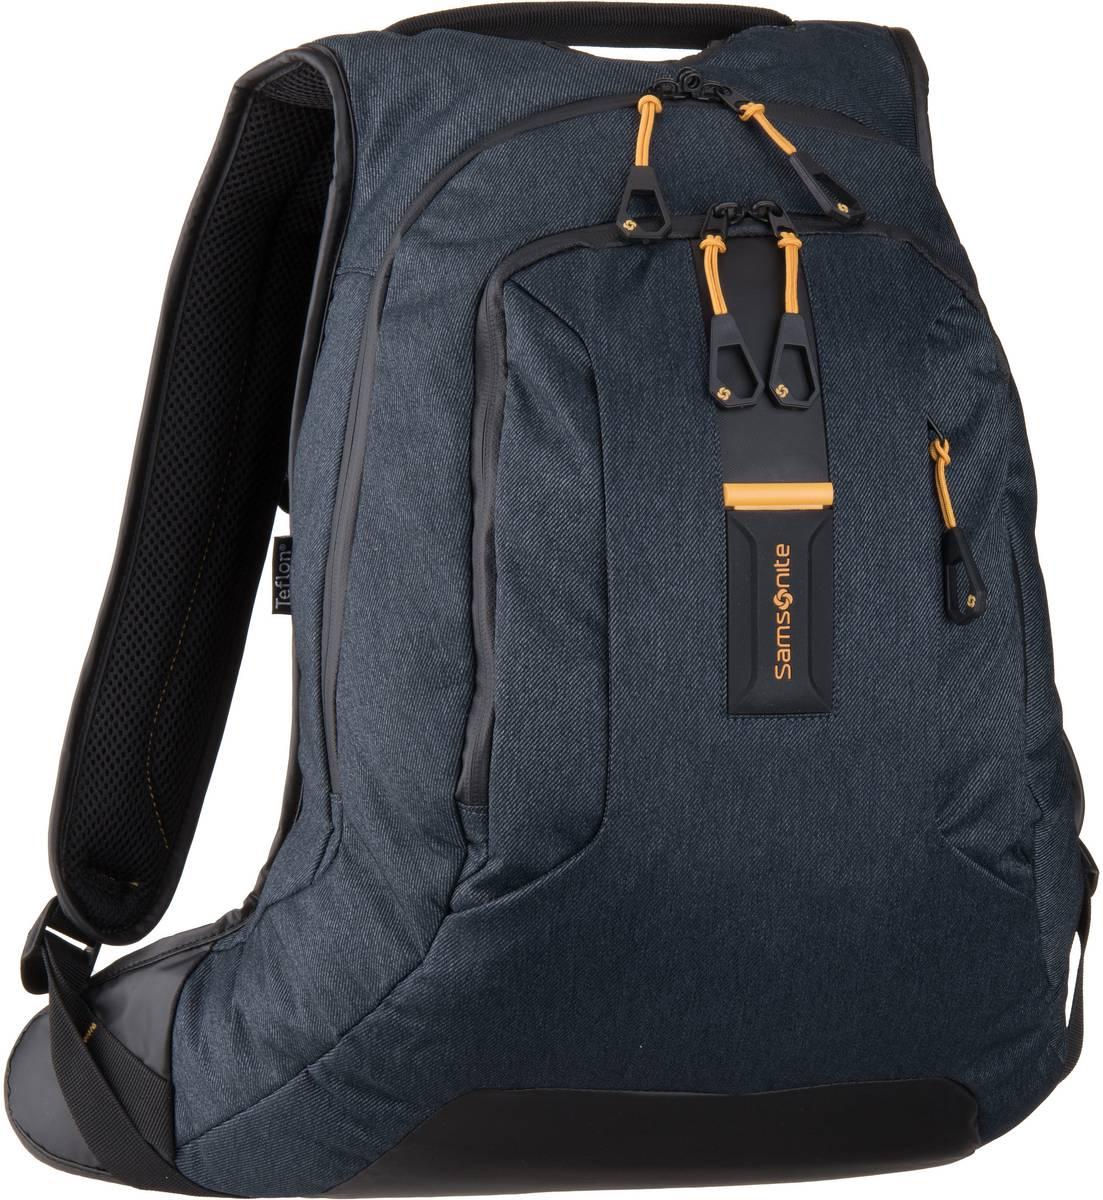 Samsonite Paradiver Light Laptop Backpack L Jeans Blue - Laptoprucksack